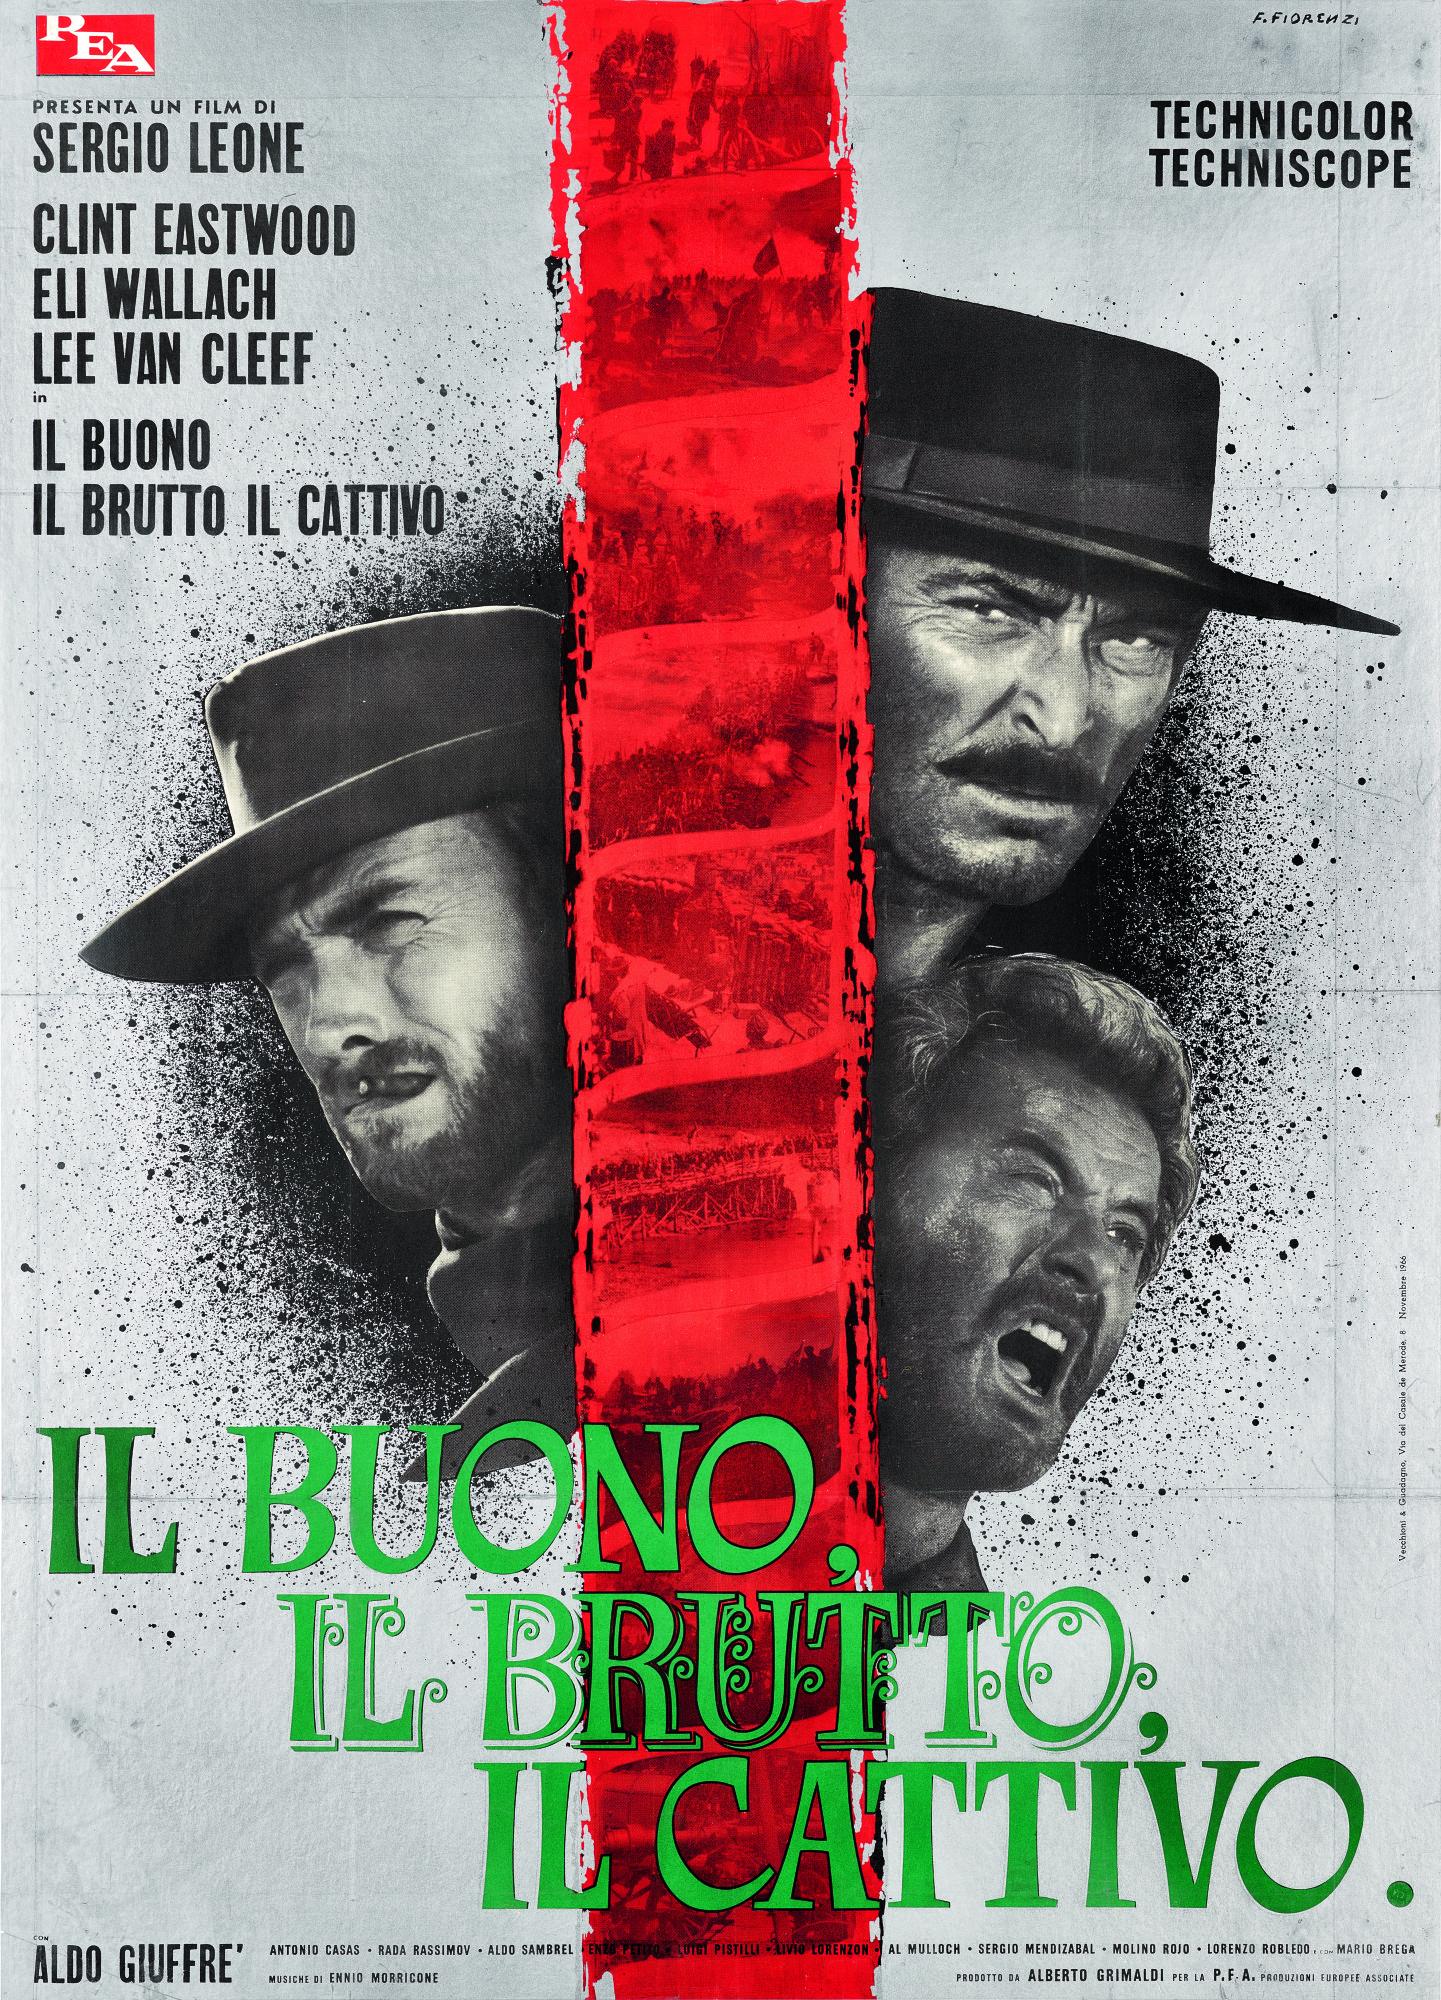 'THE GOOD, THE BAD AND THE UGLY/IL BUONO IL BRUTTO IL CATTIVO' (1966) POSTER, ITALIAN